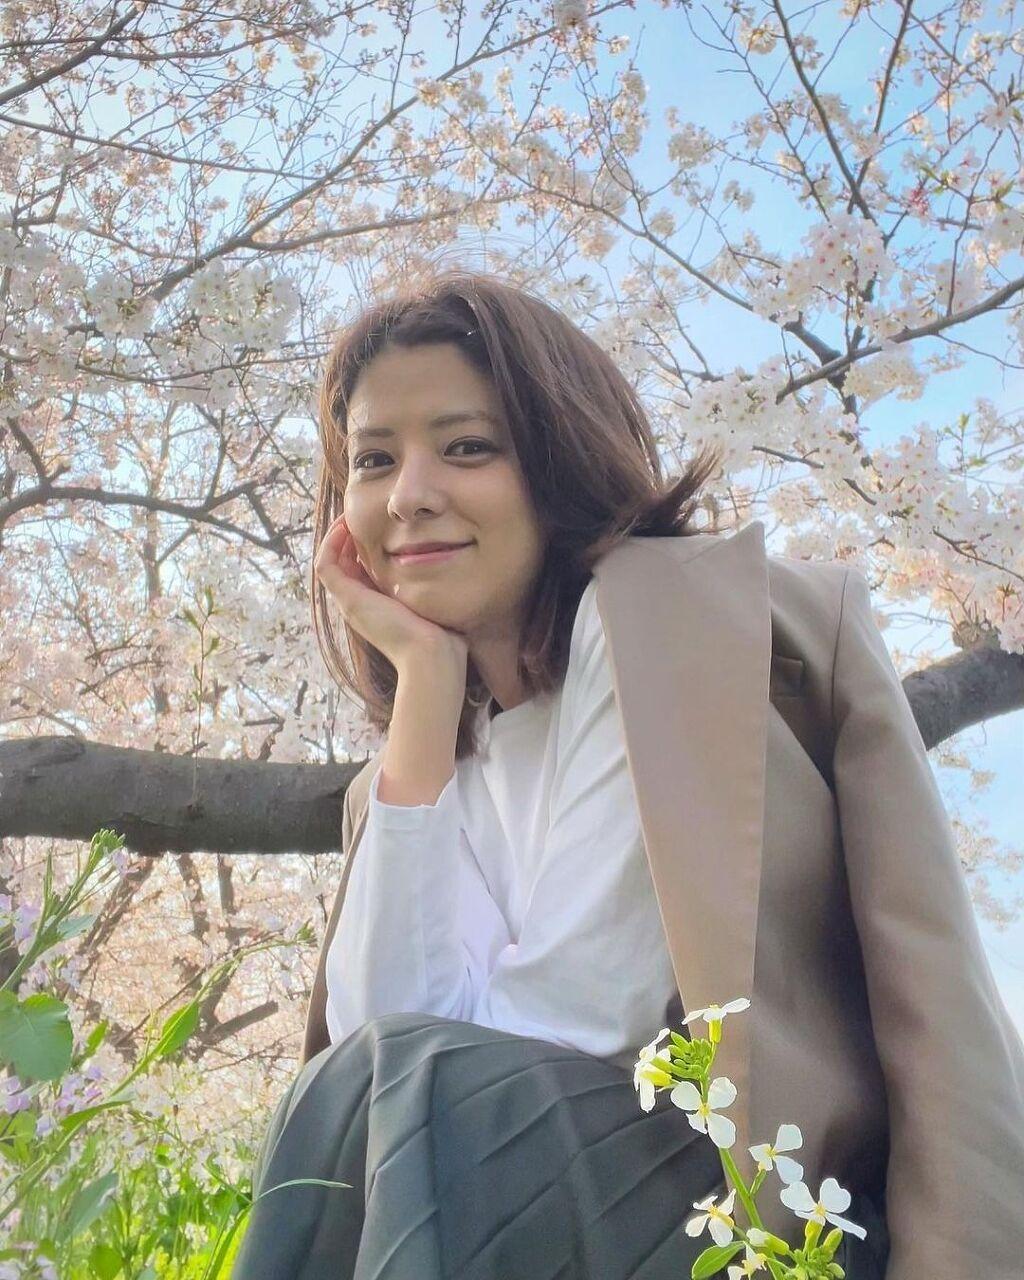 후지이 미나 근황 - issuetalk.net